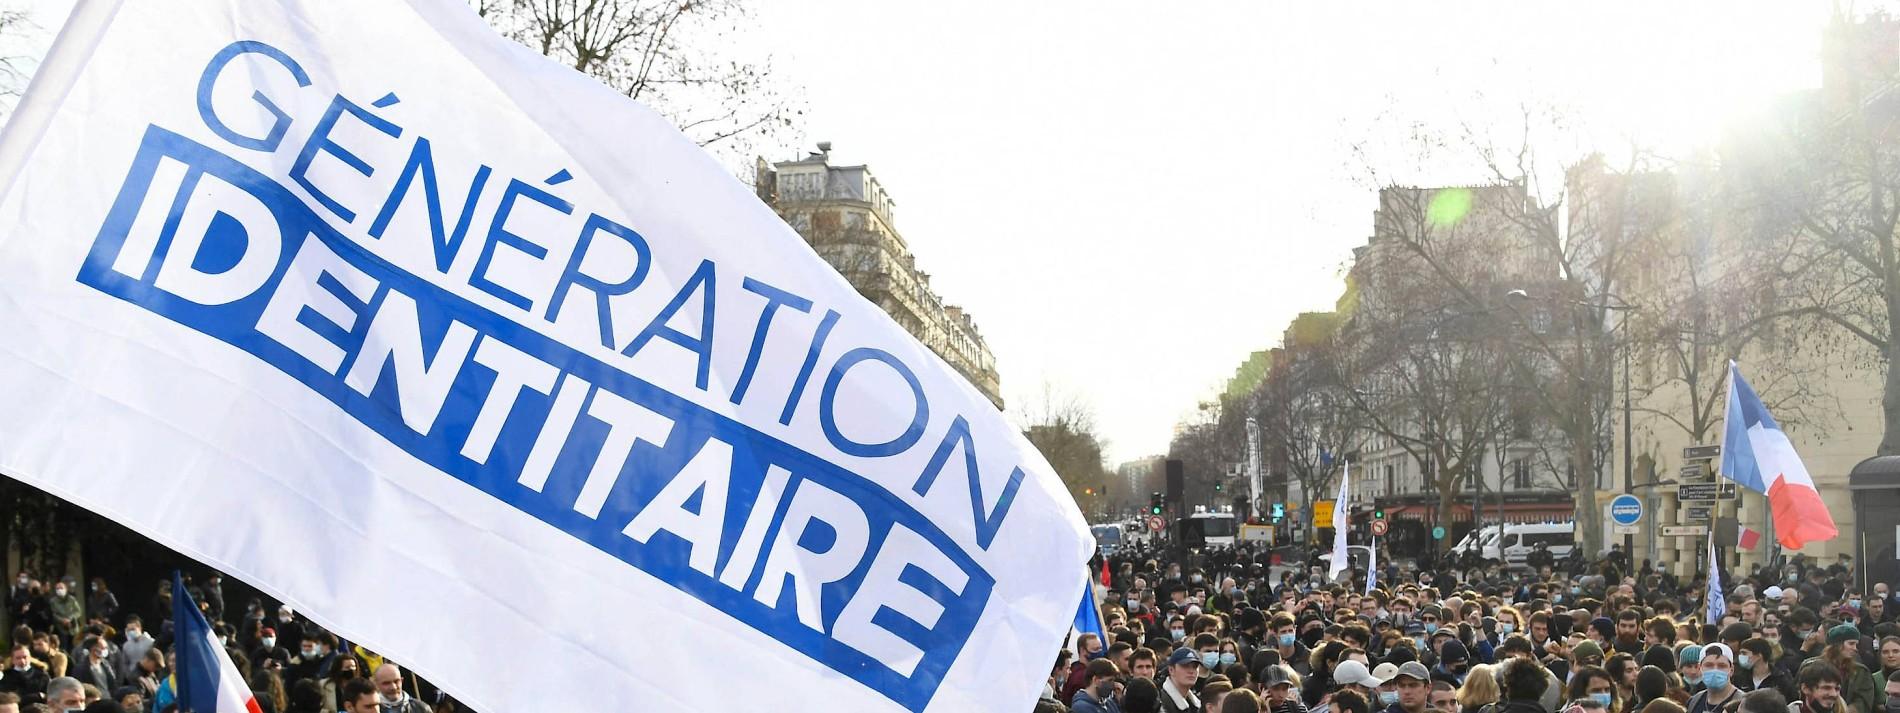 Frankreich verbietet bekannteste Gruppe der Identitären Bewegung